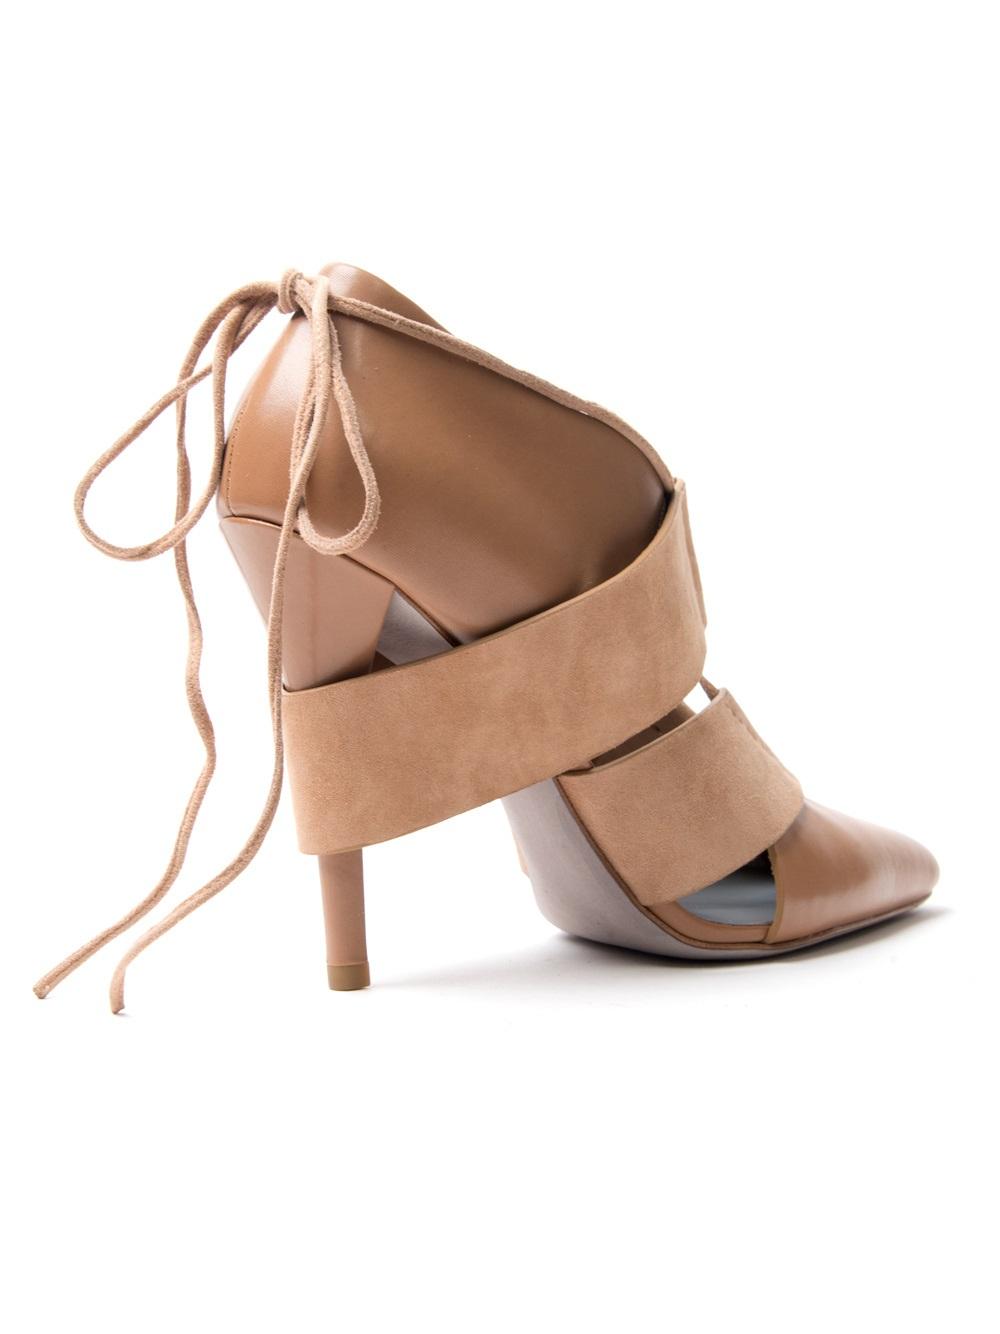 Alexander wang Mila Strappy Sandal Heel in Brown | Lyst